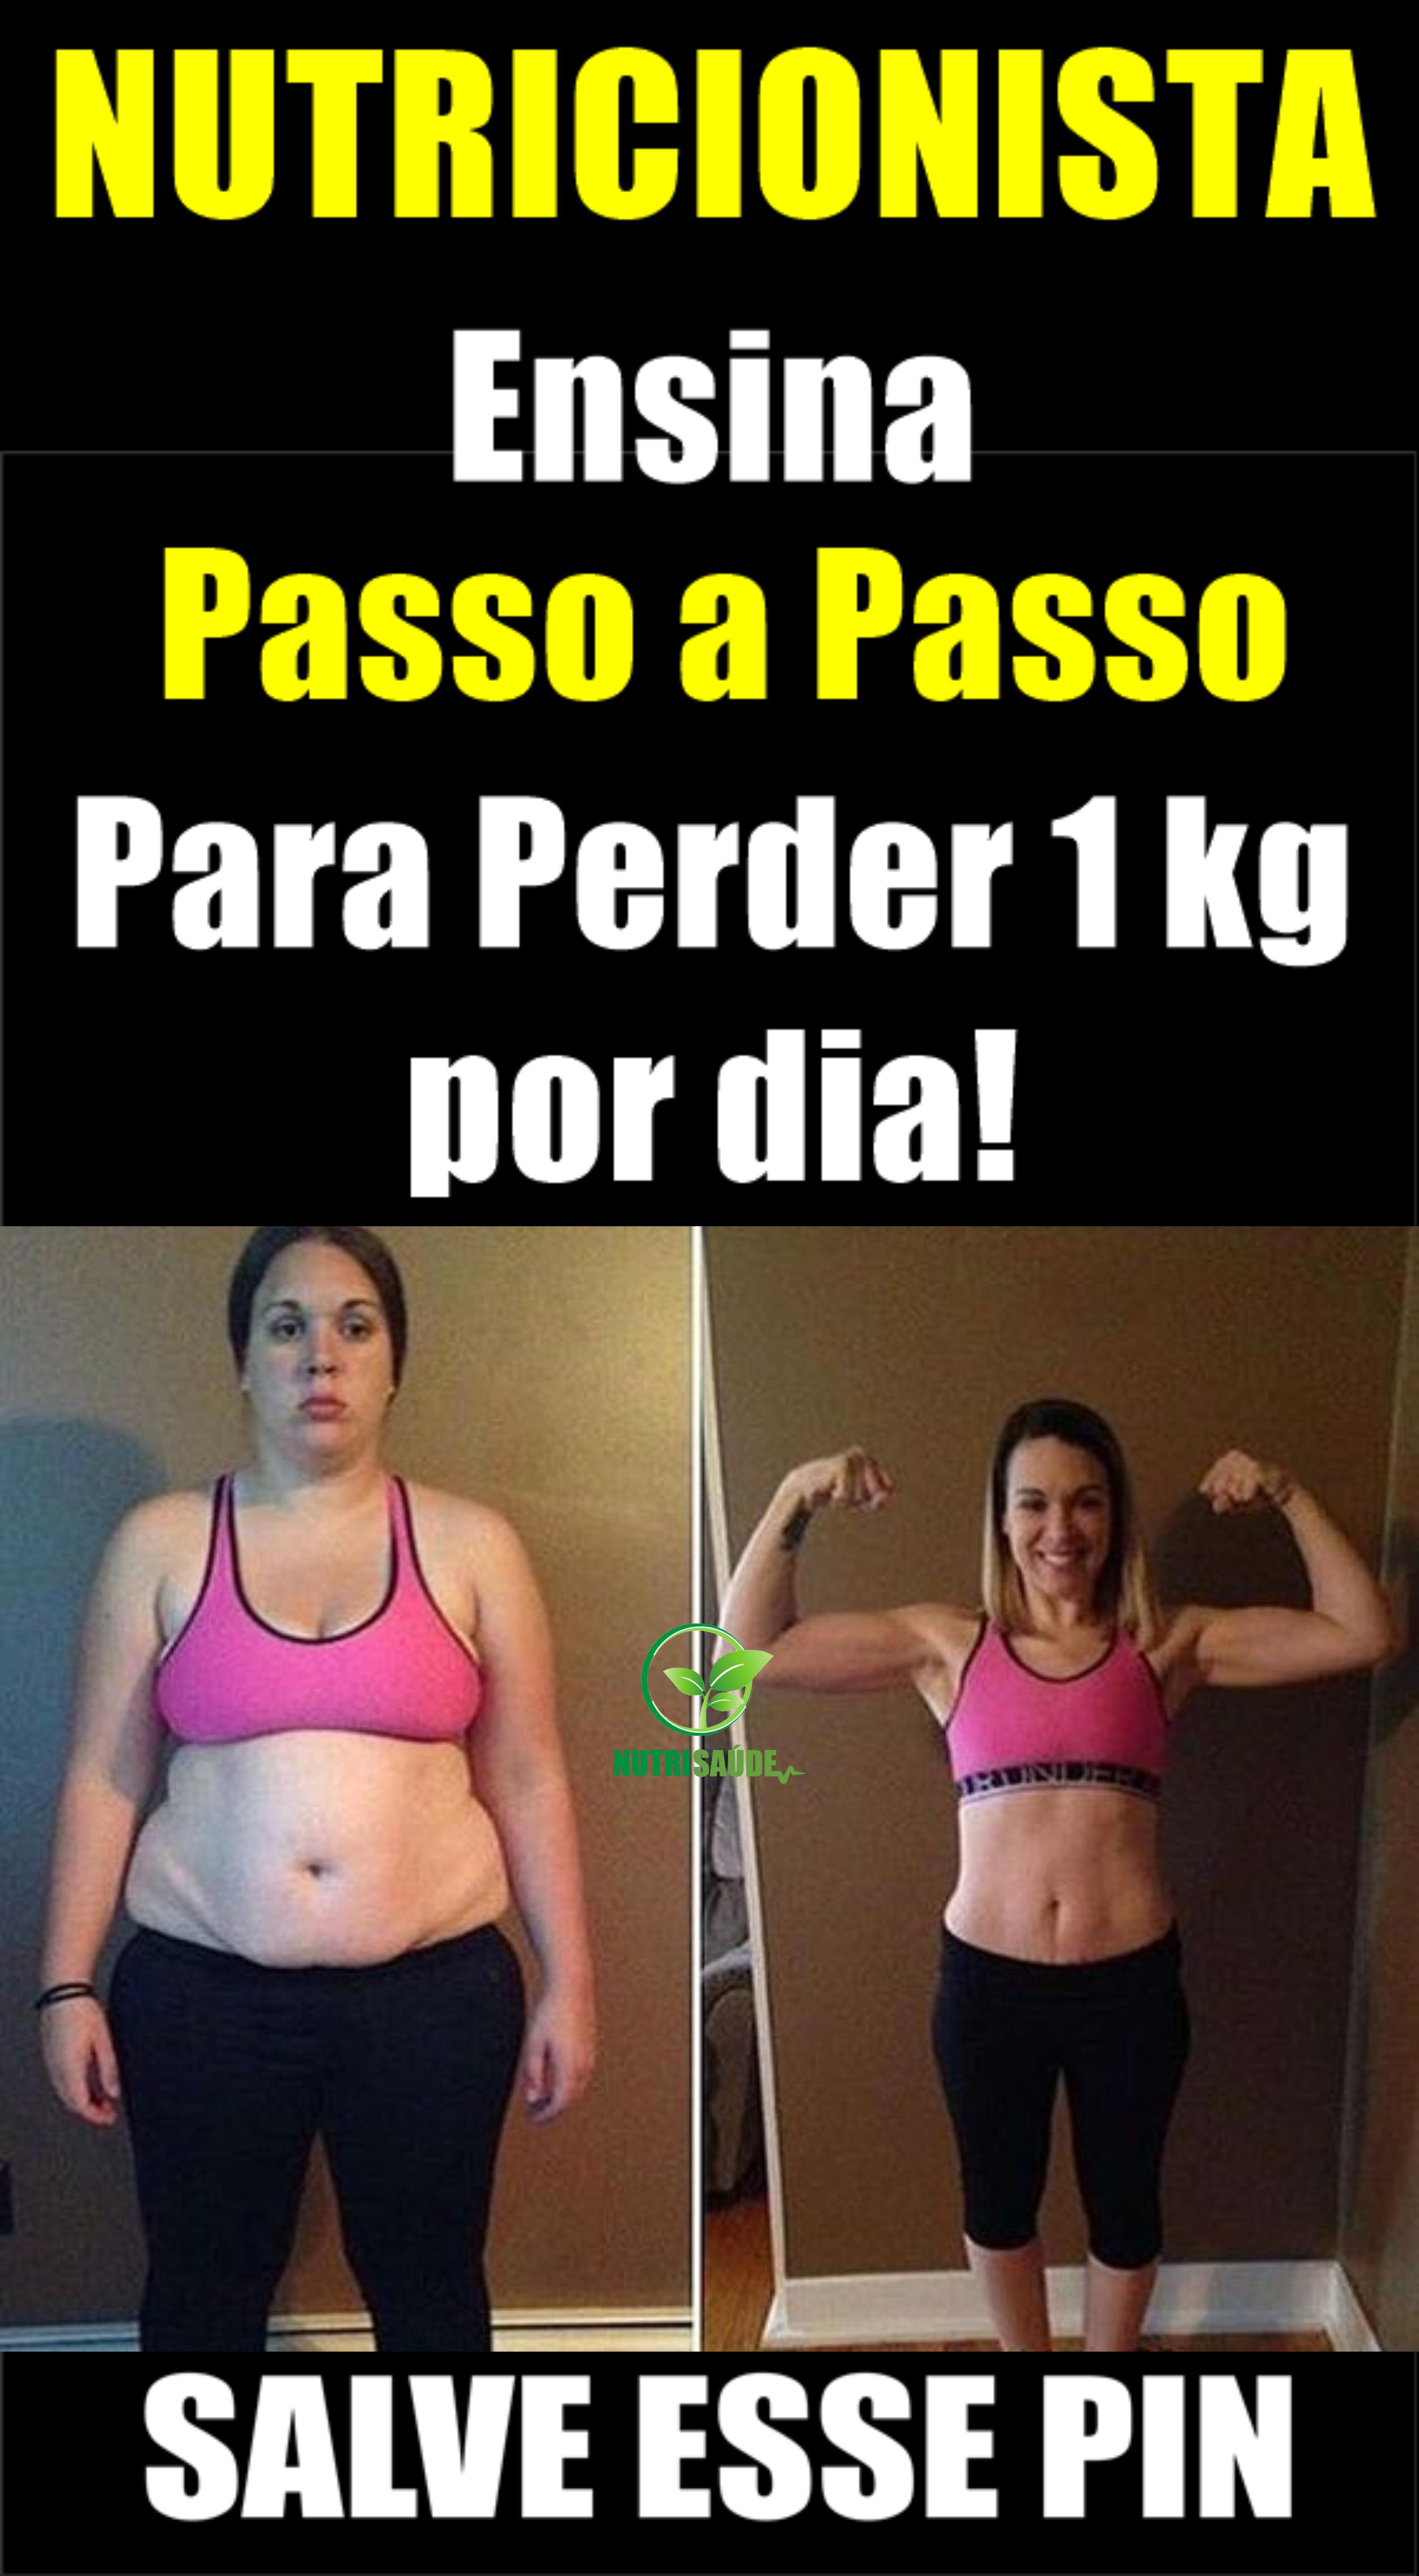 Perder 1 kg al dia